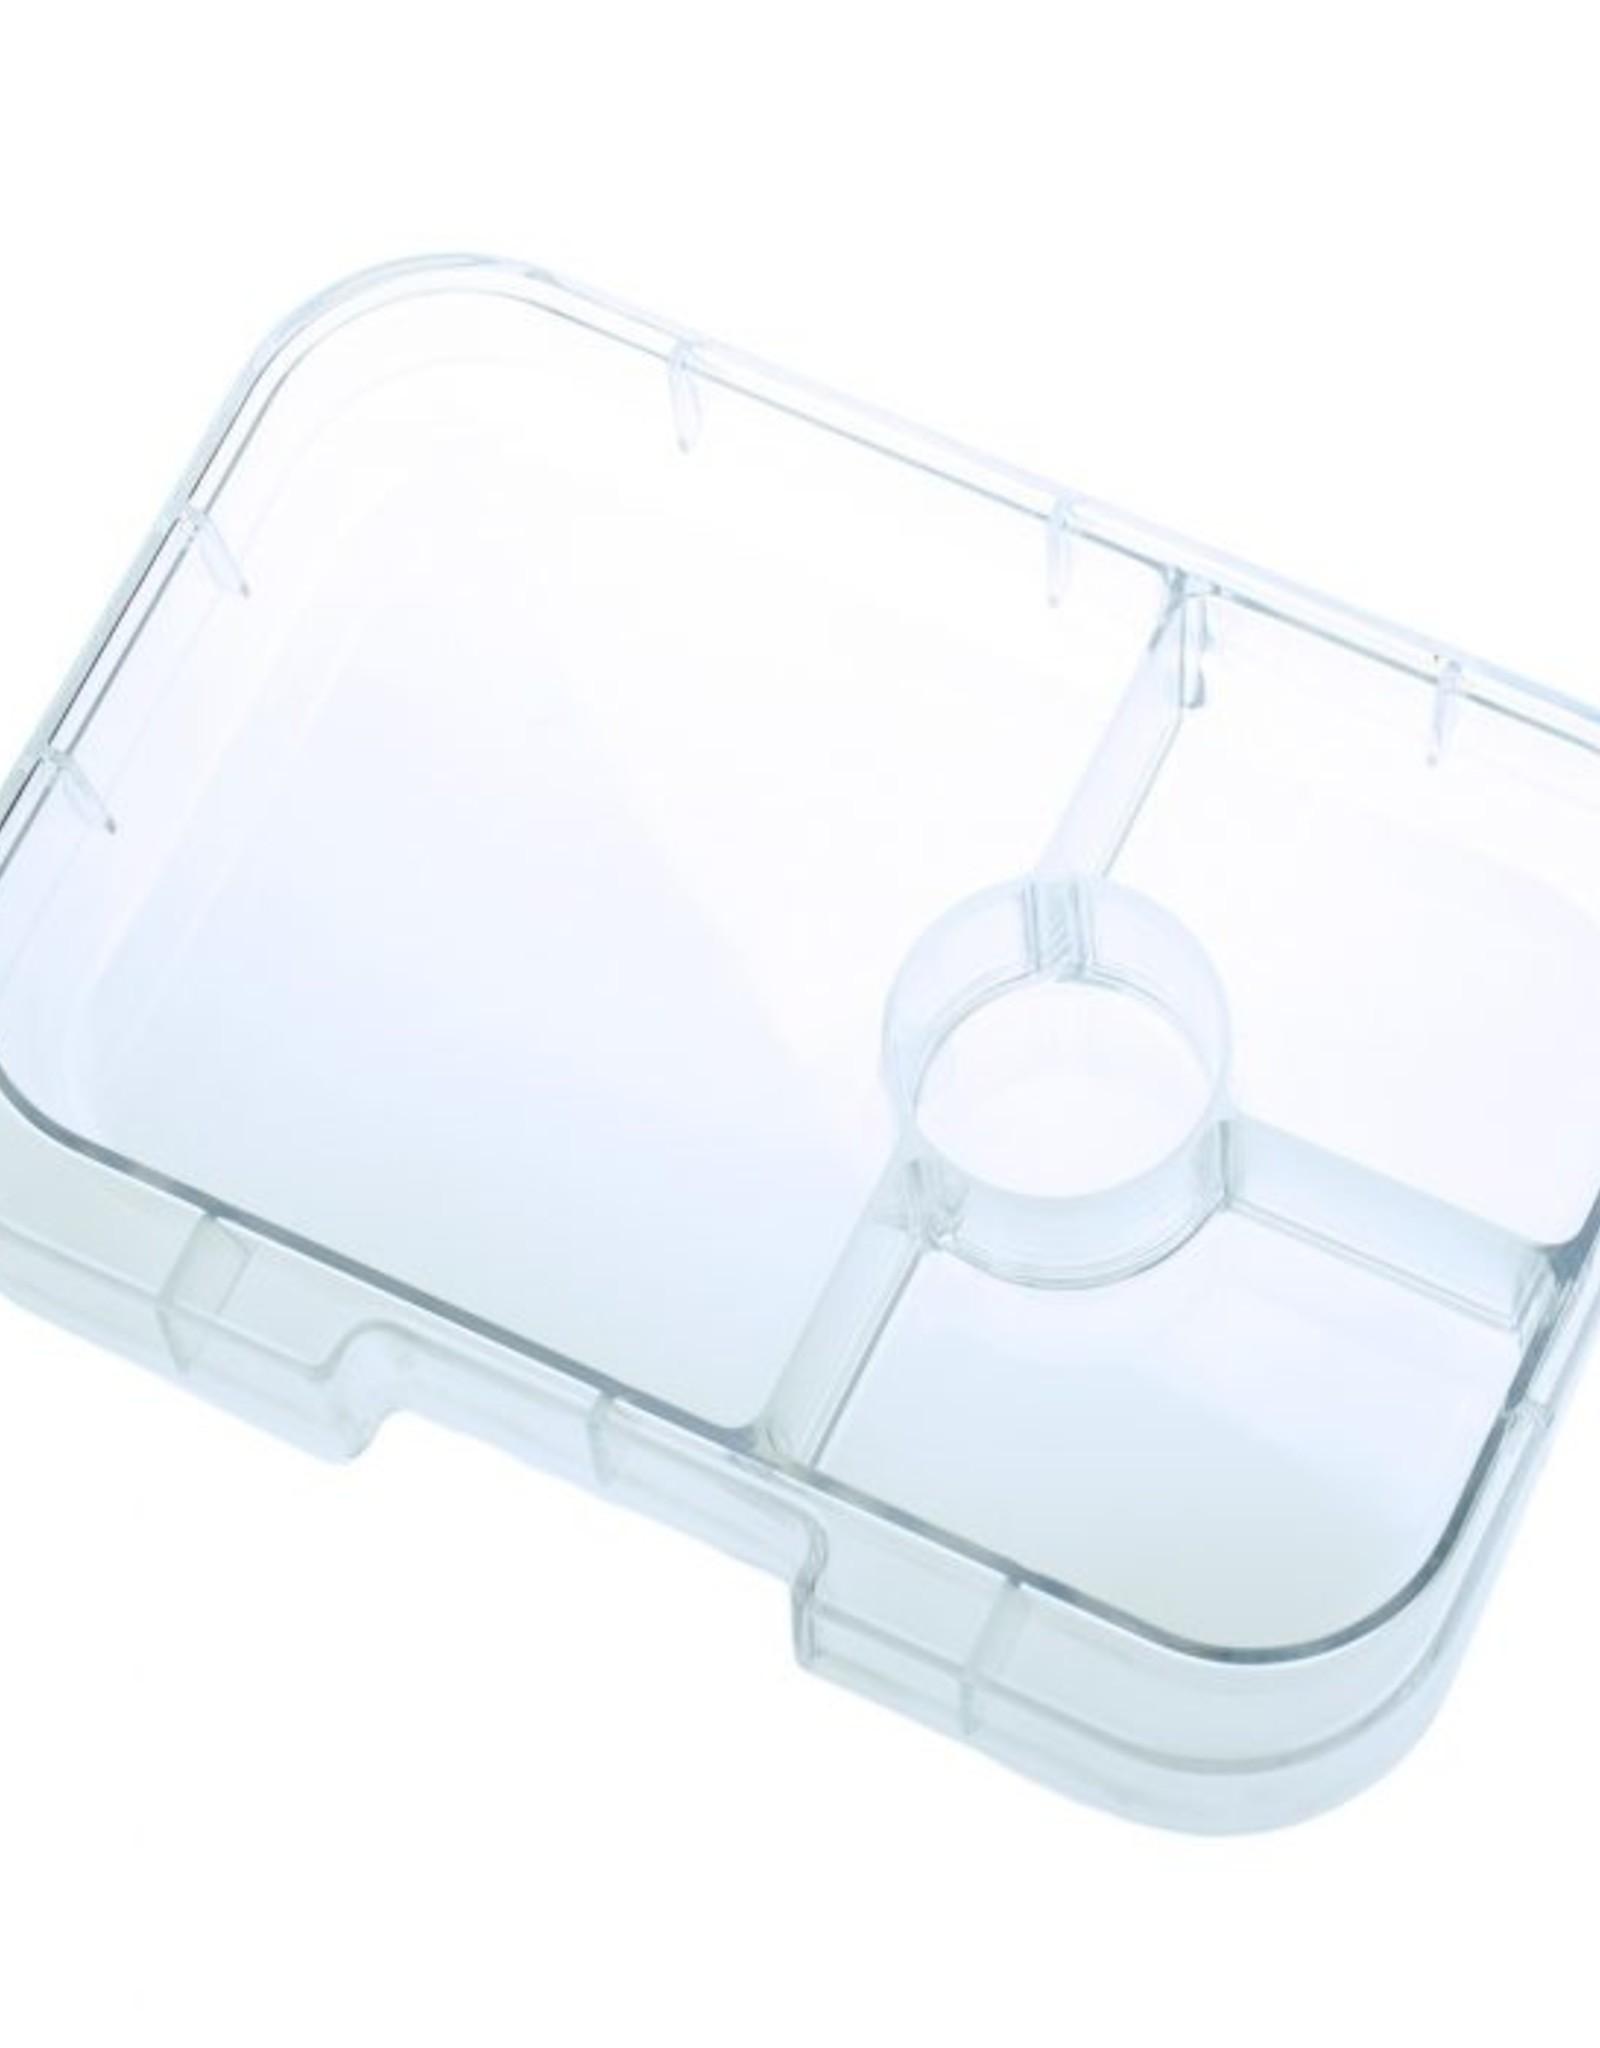 Yumbox Yumbox Panino 4-vakken tray Transparant